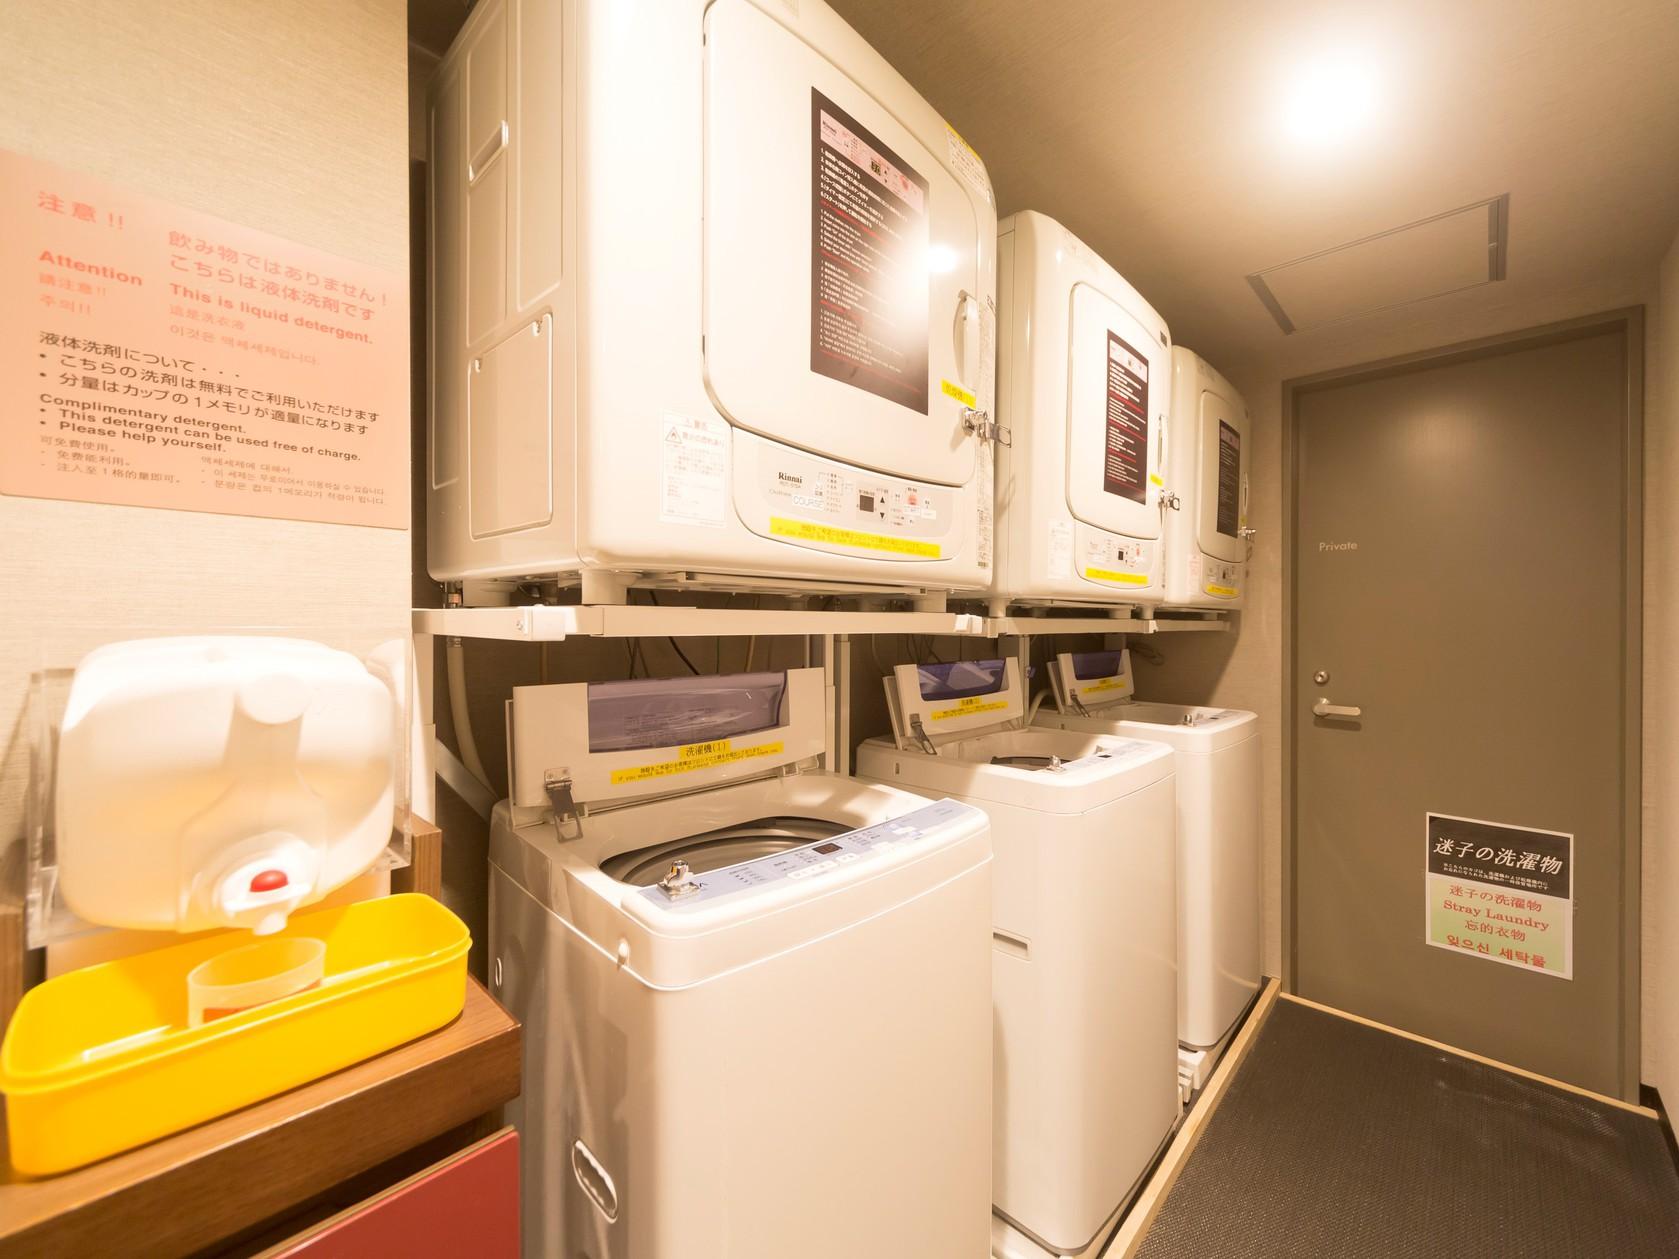 【女性】大浴場内ランドリーコーナー(洗濯機3台、乾燥機3台)